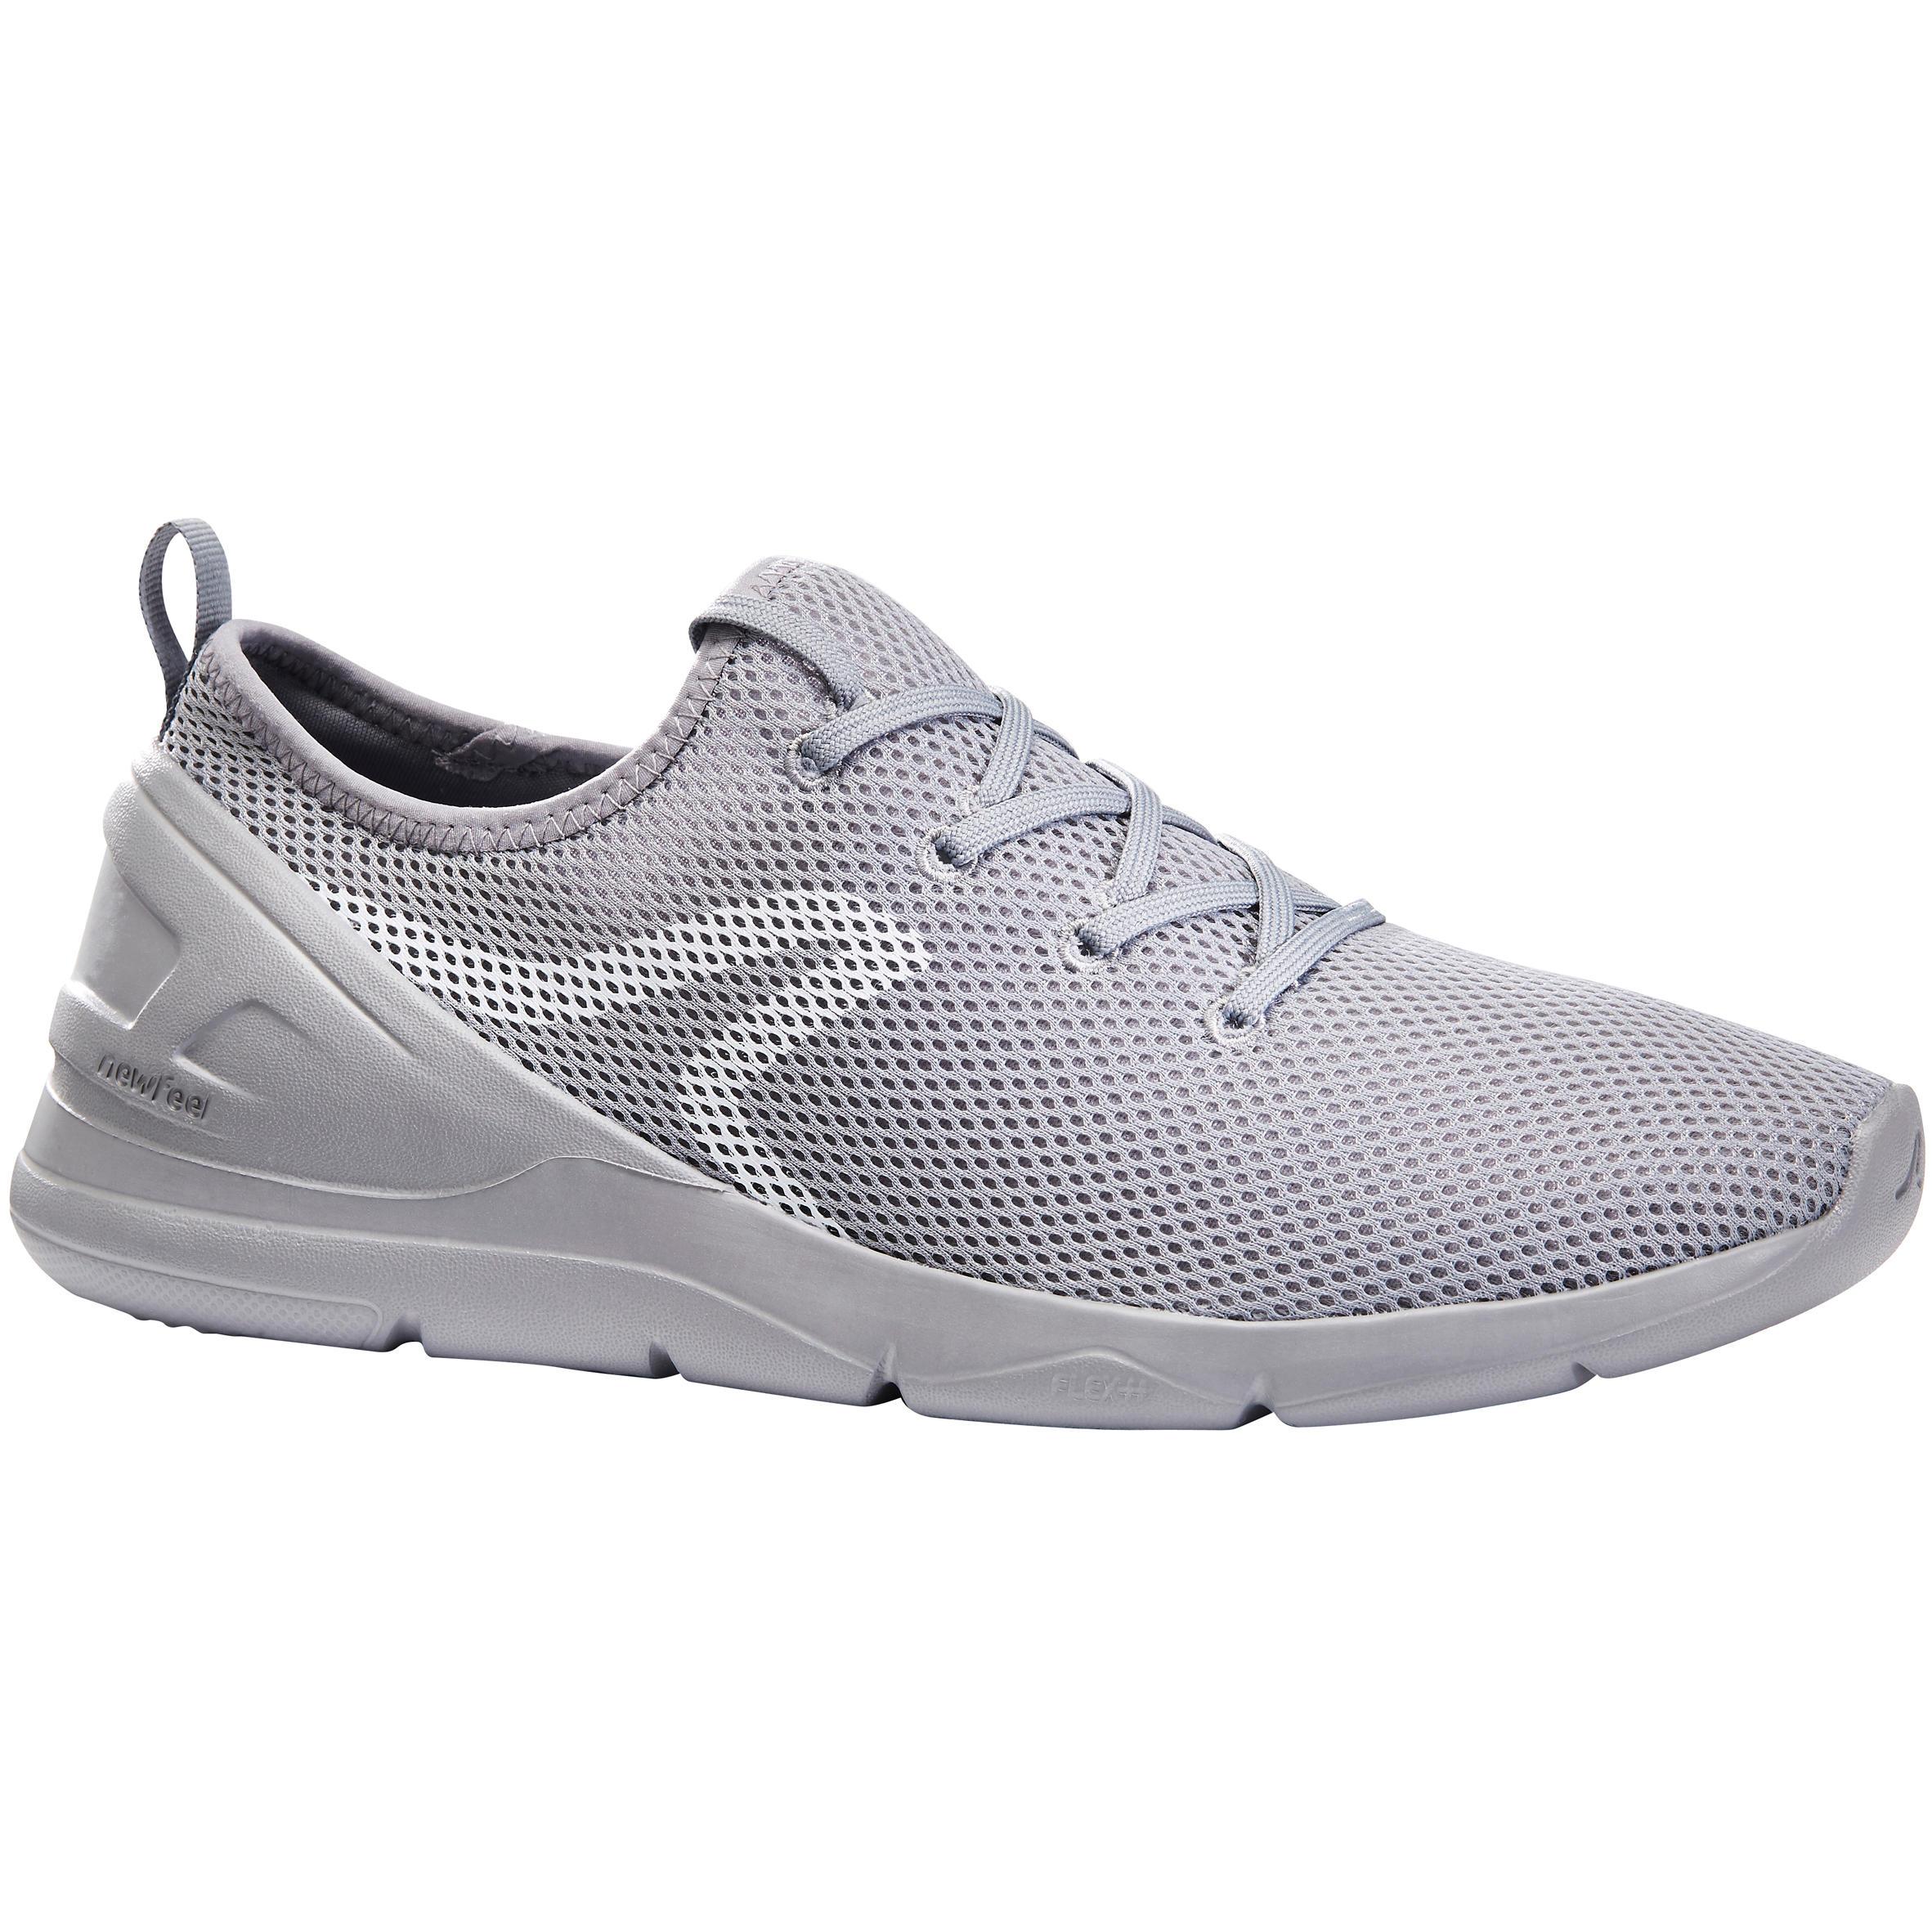 Men's Shoes - Shoes for Men Buy Online - Decathlon